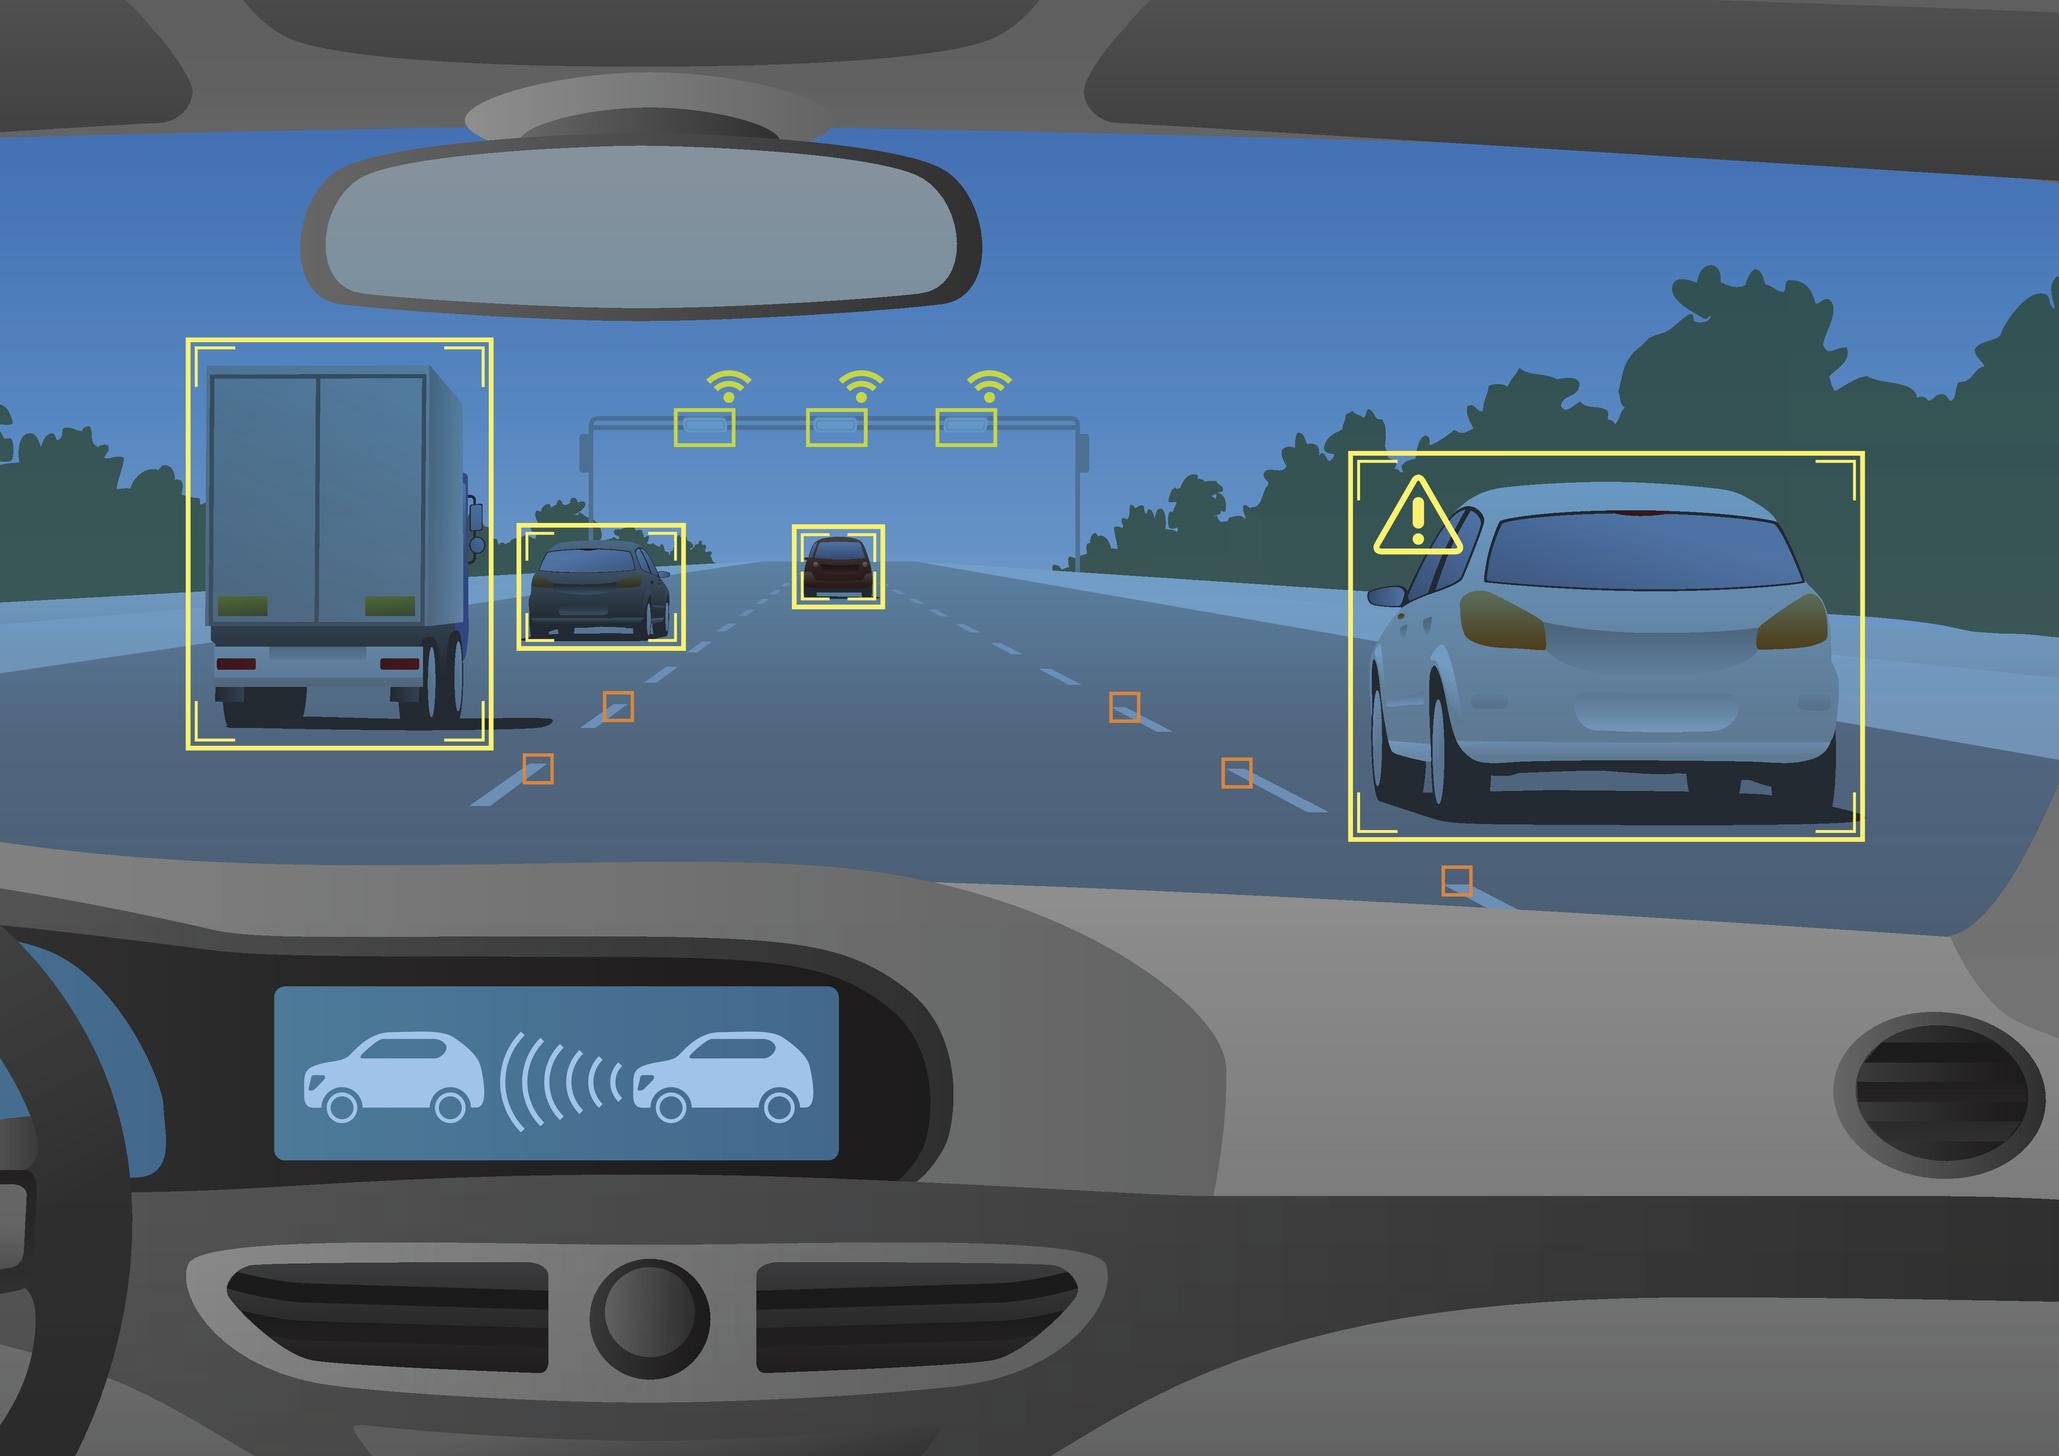 Visualization of autonomous driving software